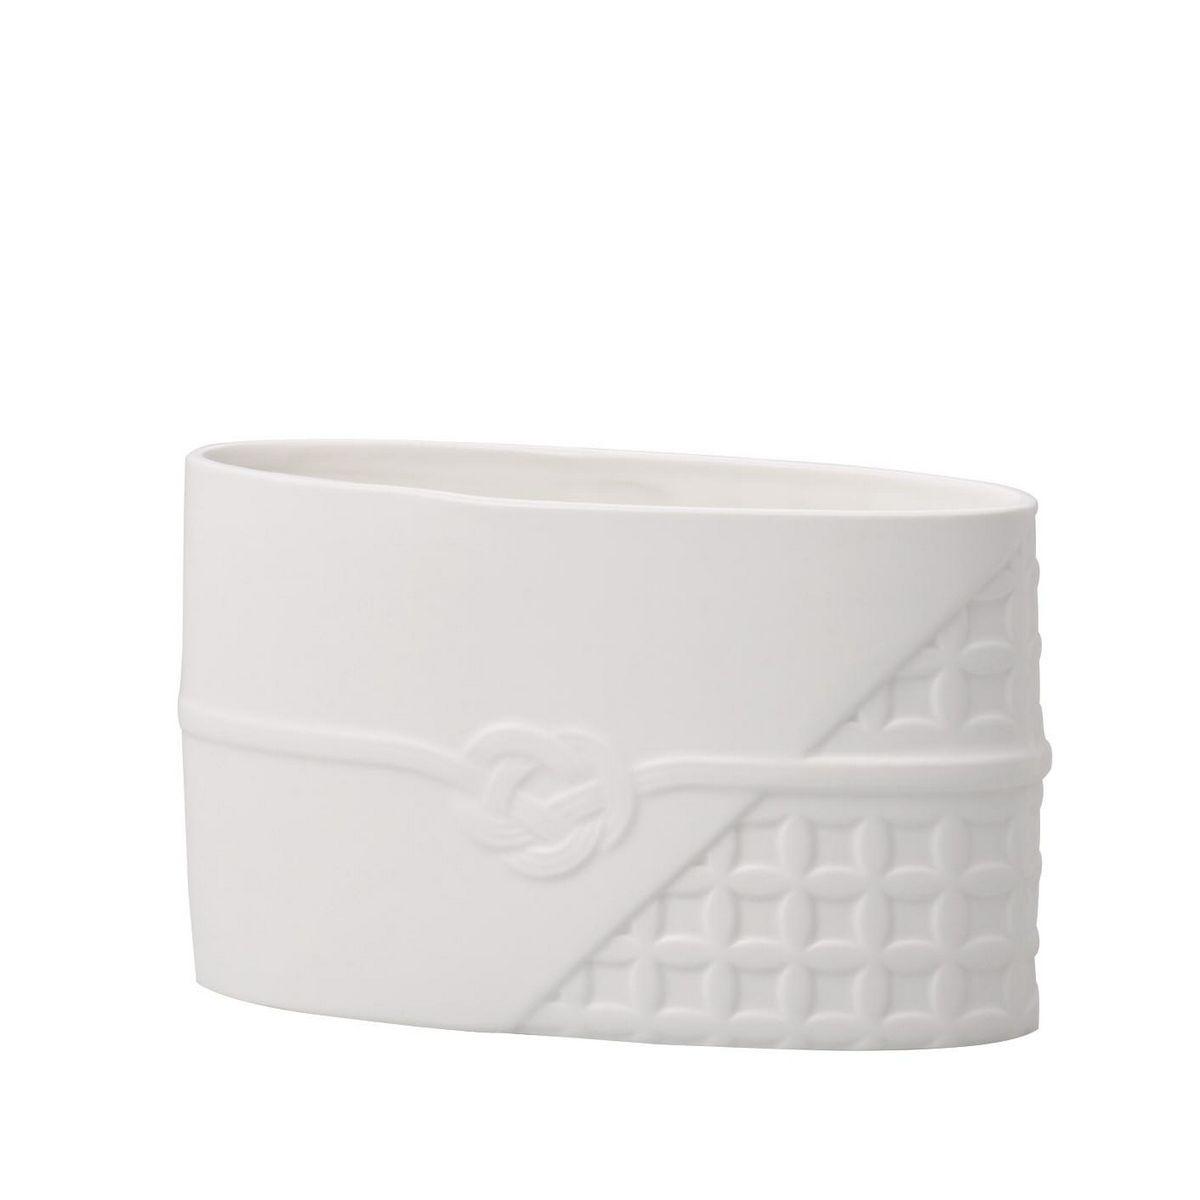 クレイ/SEKKA WHITE/366-217-100【01】【取寄】 花器、リース 花器・花瓶 陶器花器 手作り 材料